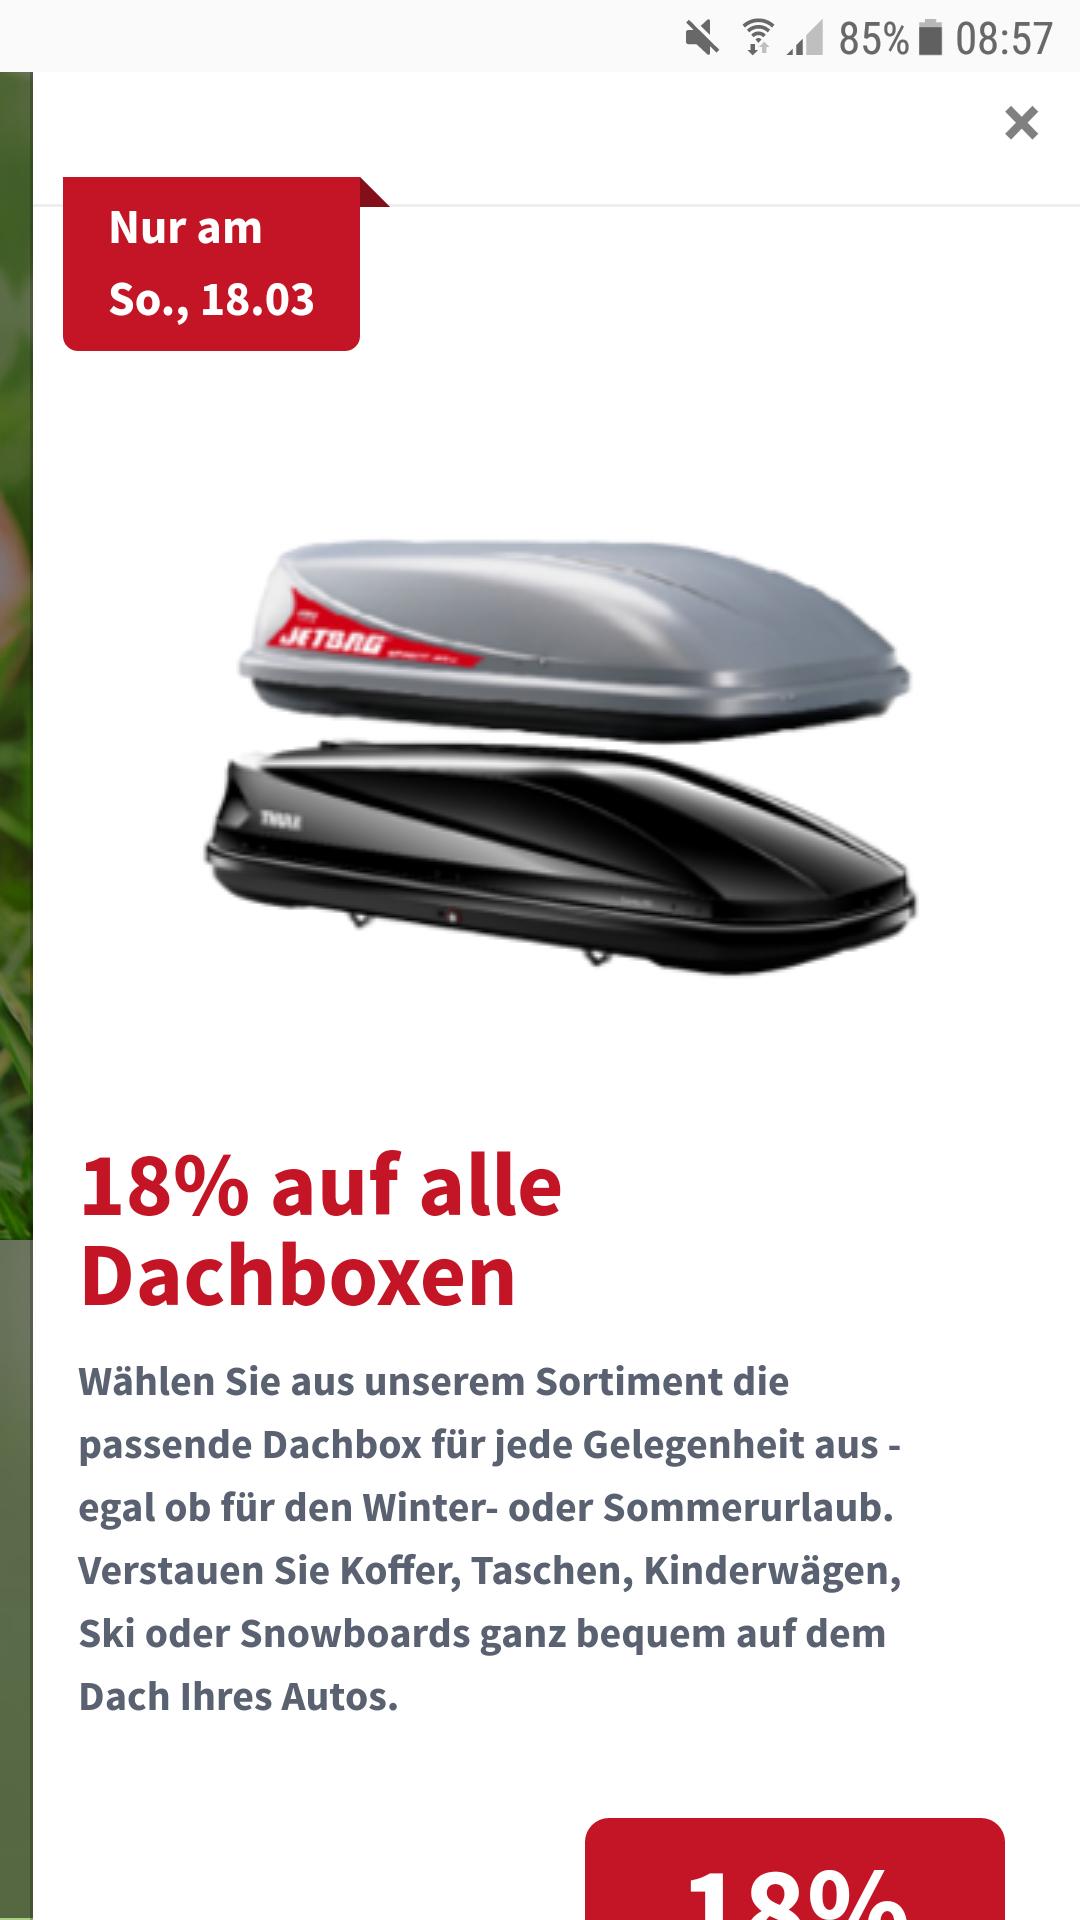 18% auf Dachboxen bei ATU ONLINE